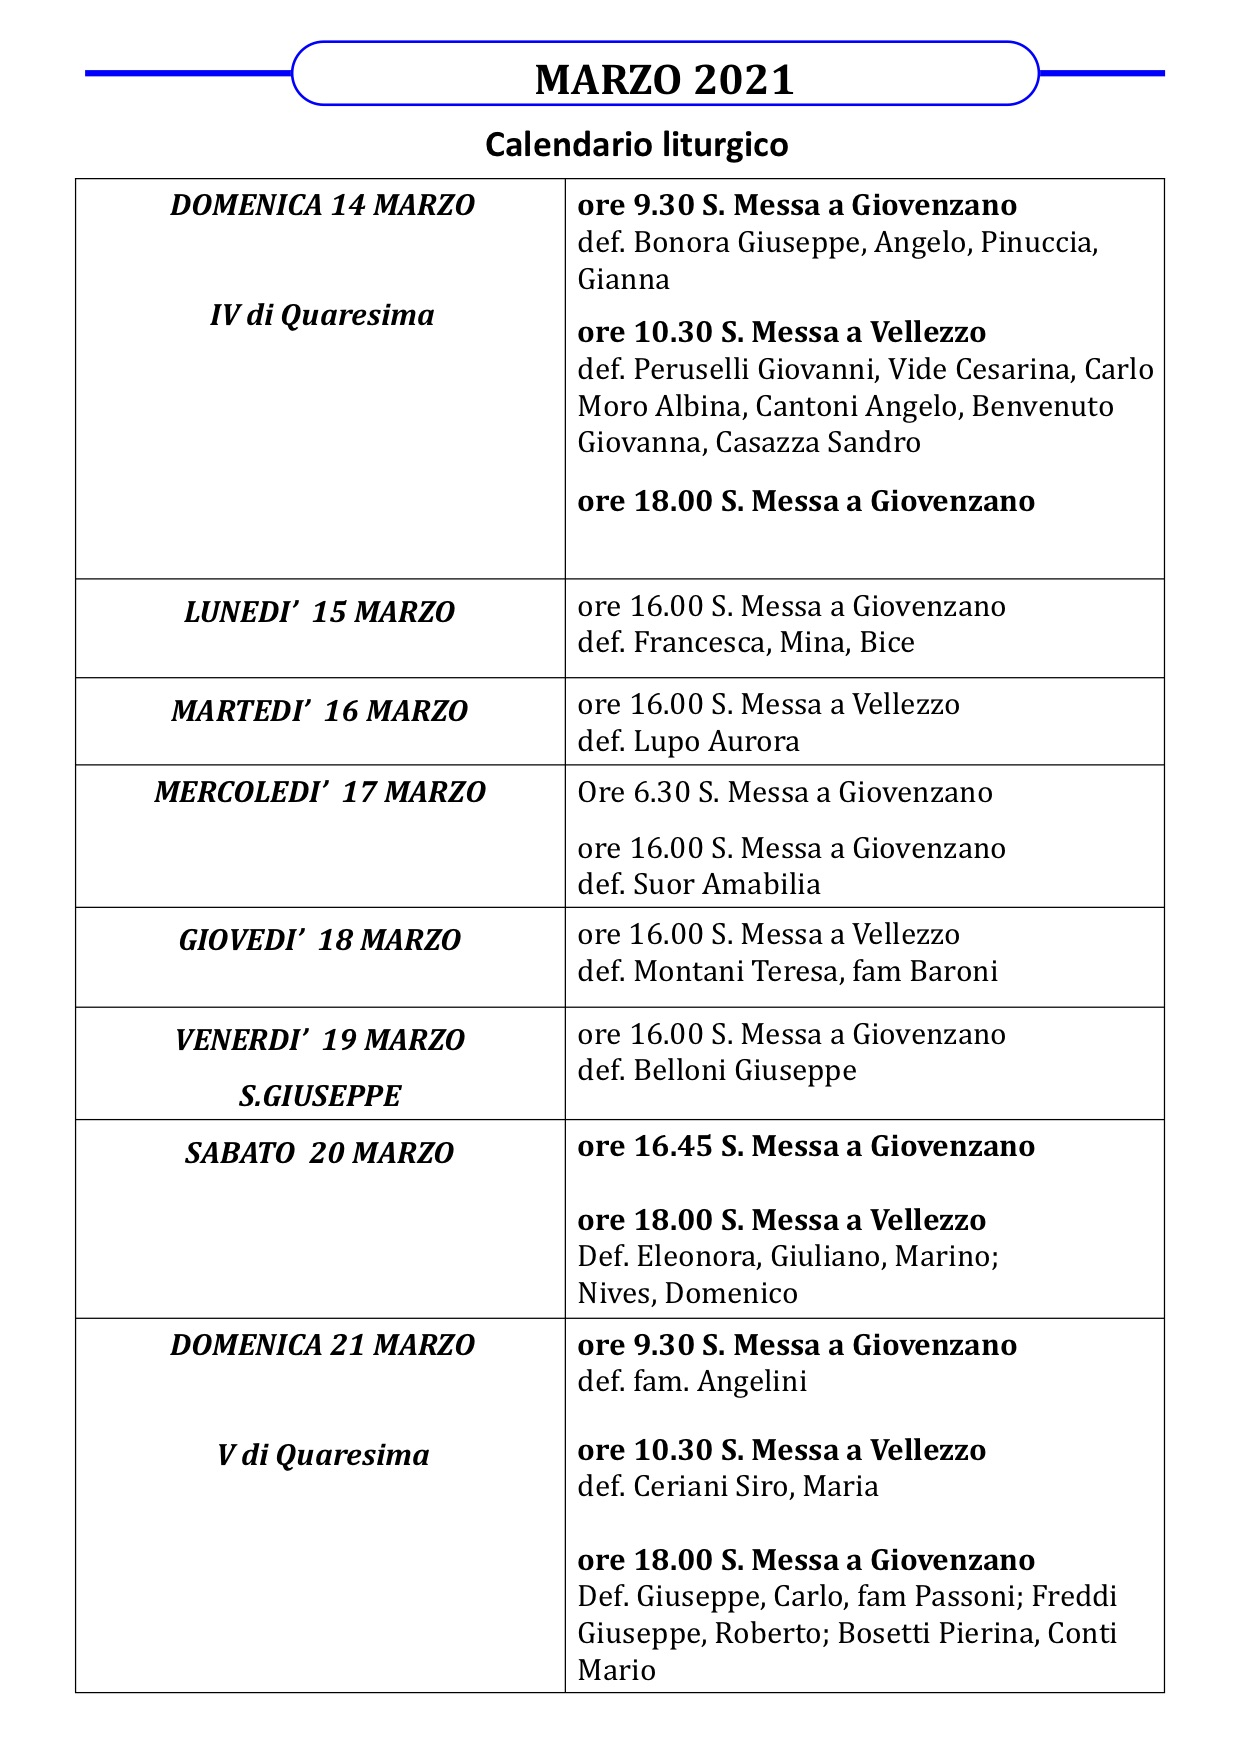 Calendario liturgico dal 14 marzo al 21 marzo 2021